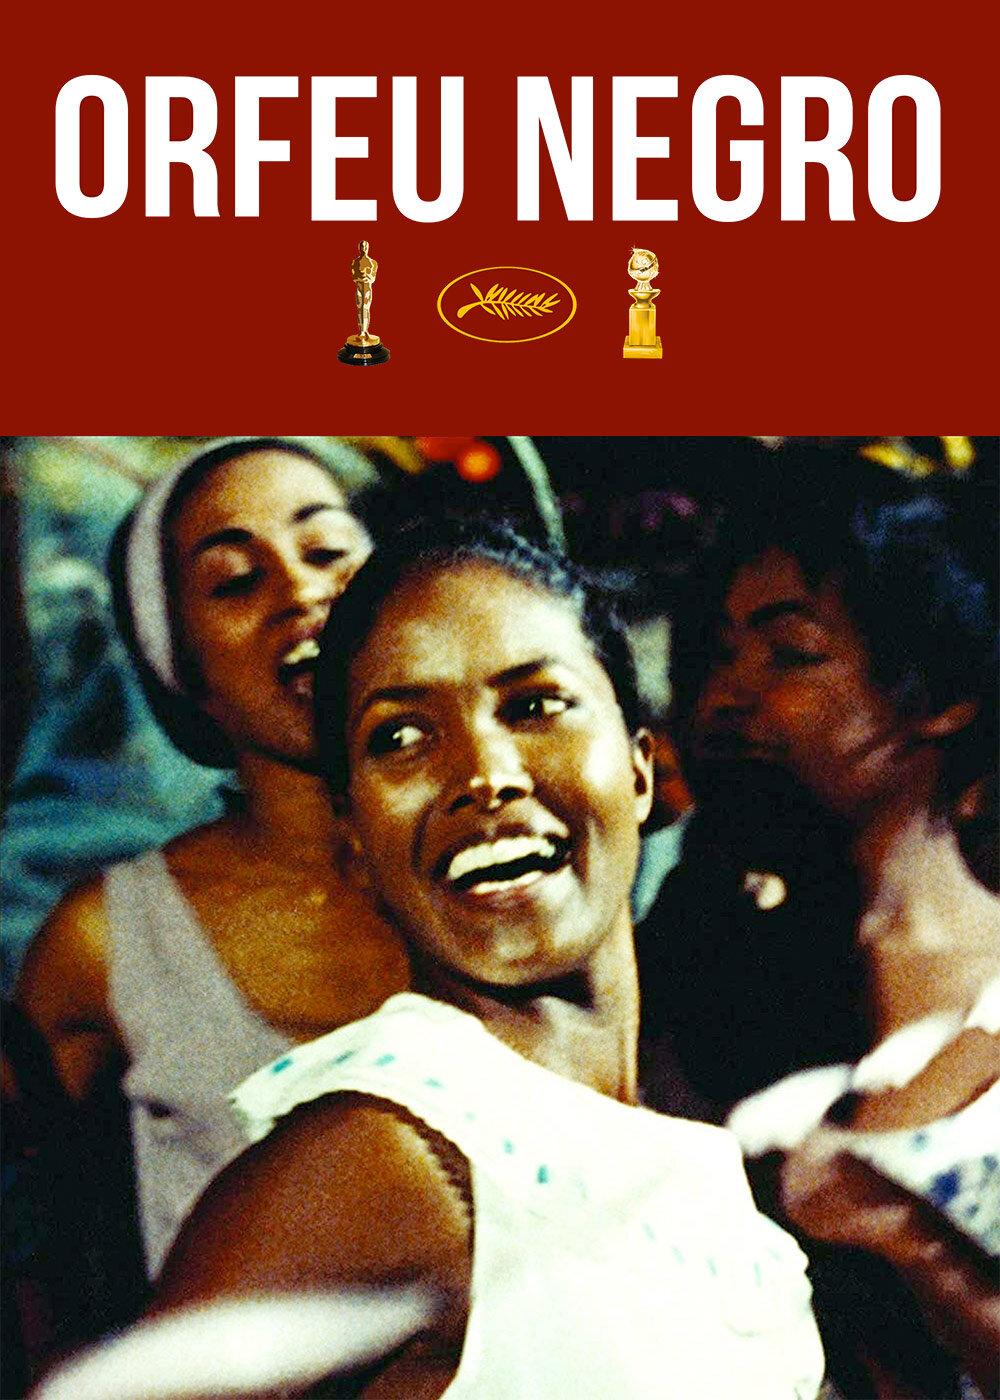 Orfeu-Negro-poster.jpg